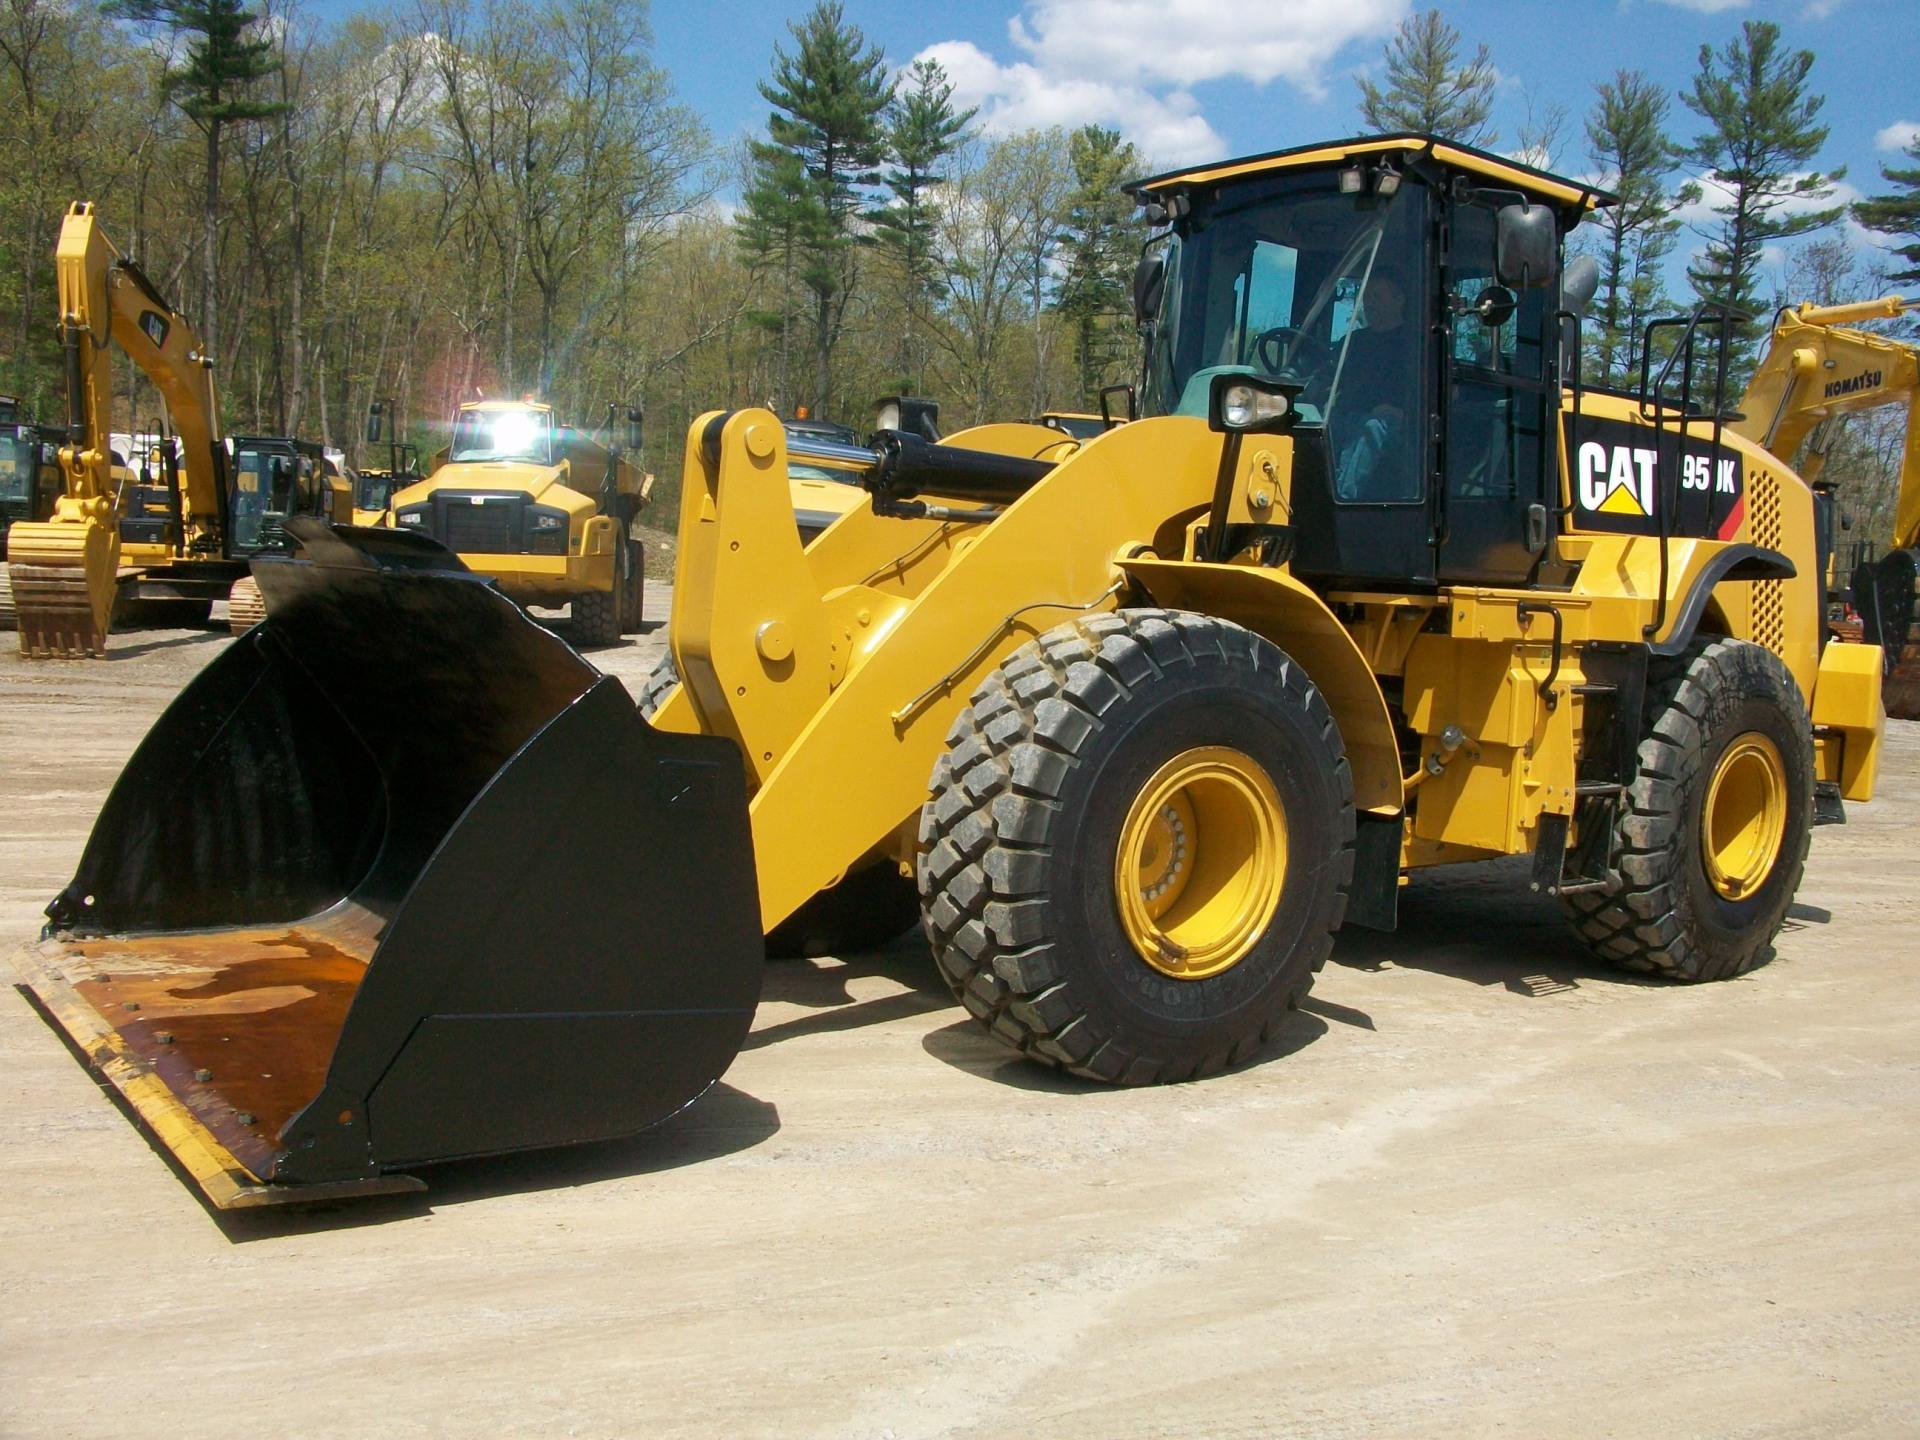 2012 CAT 950K, $137,500